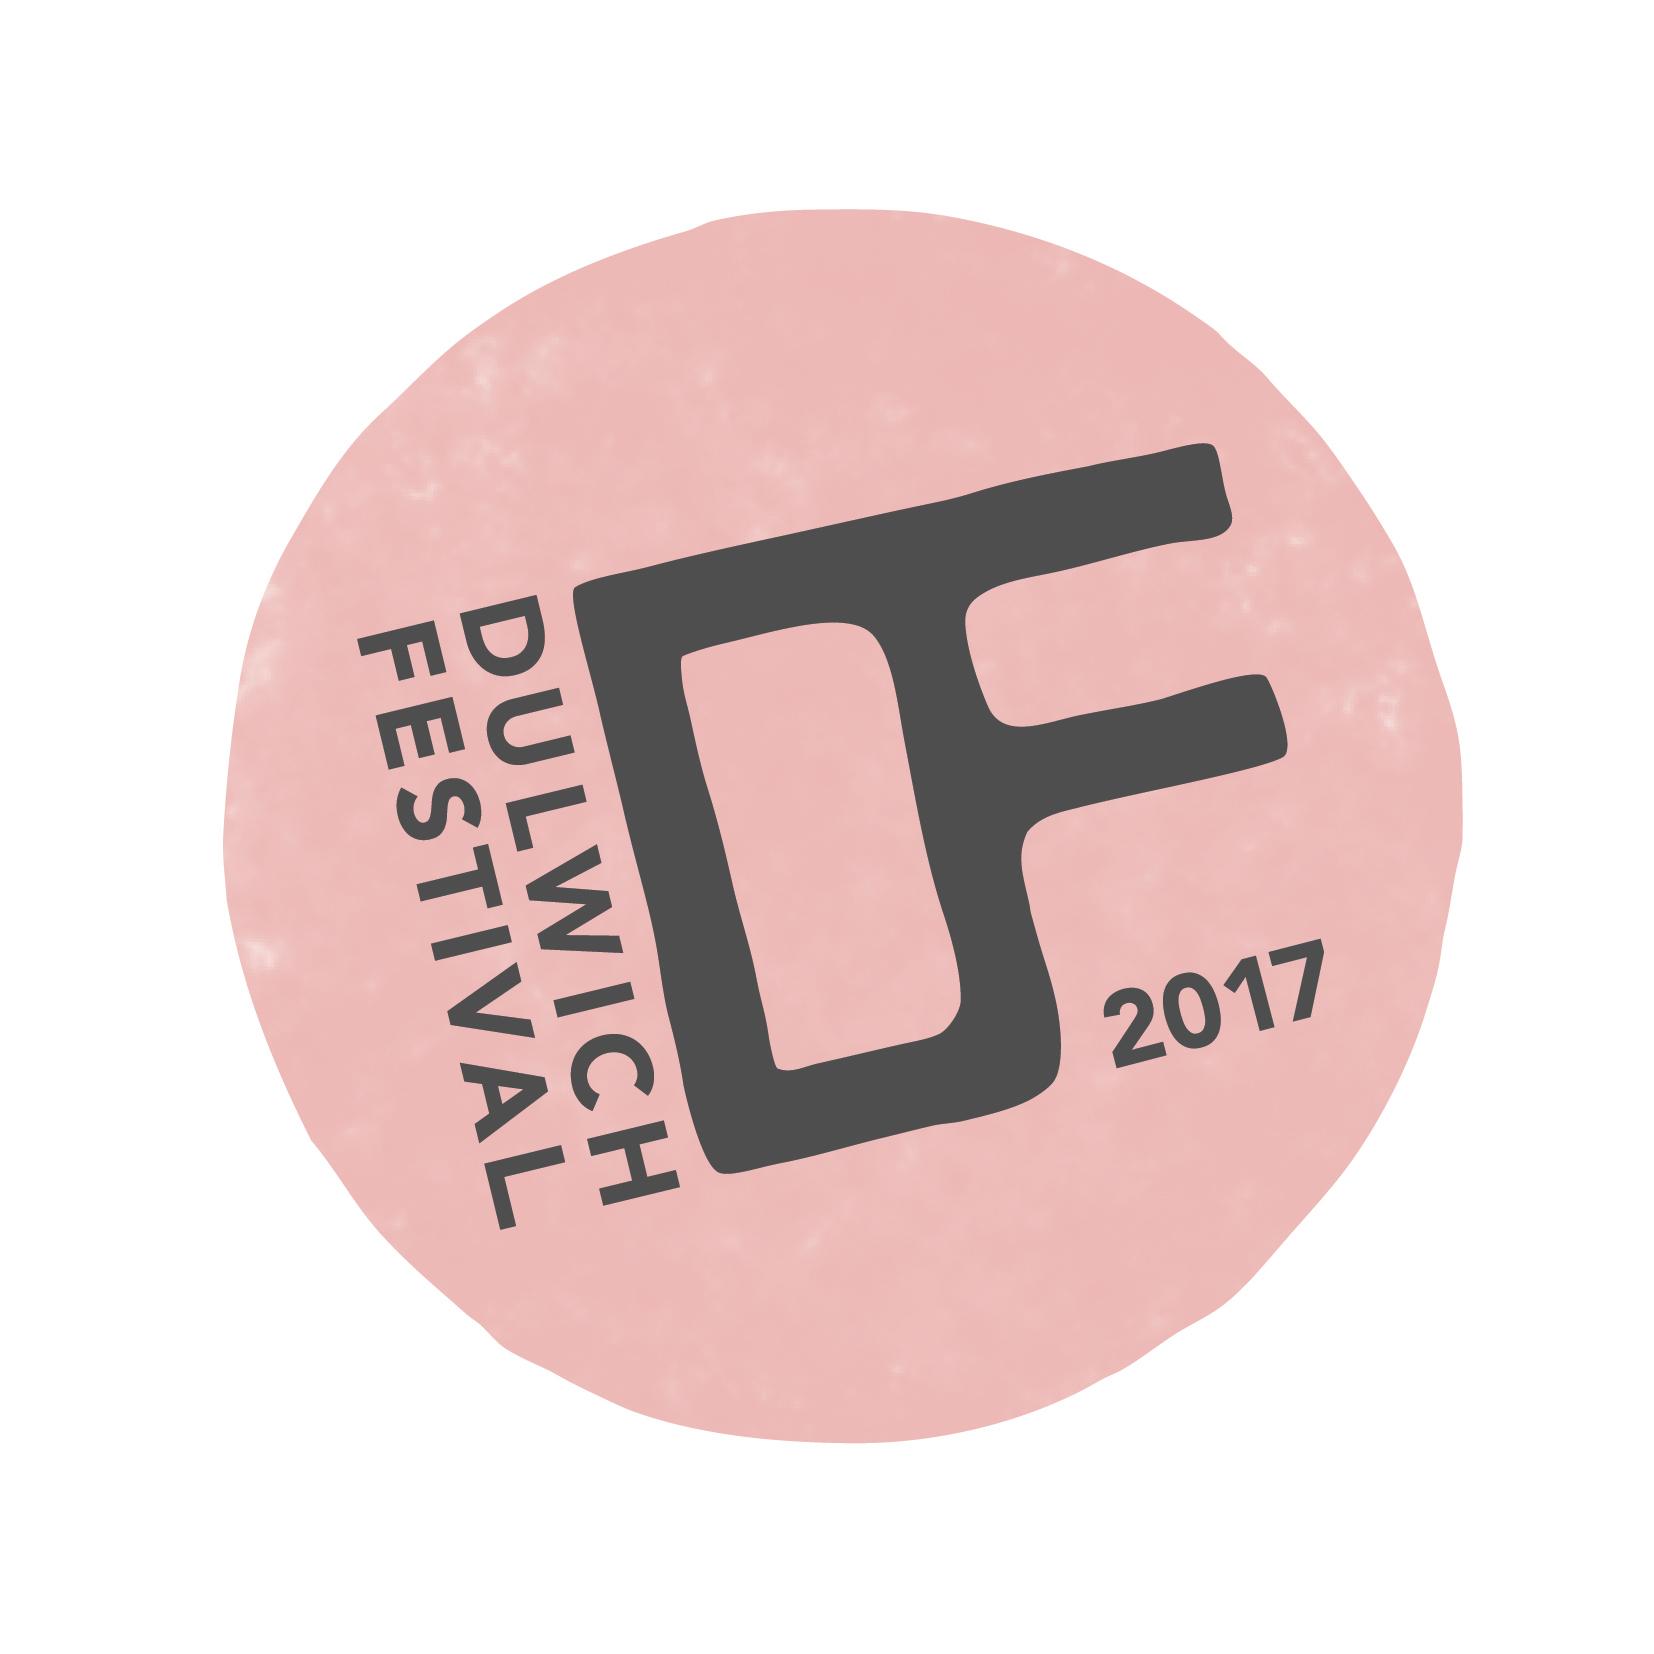 beckybrown-website-news-dulwich-logo.jpg